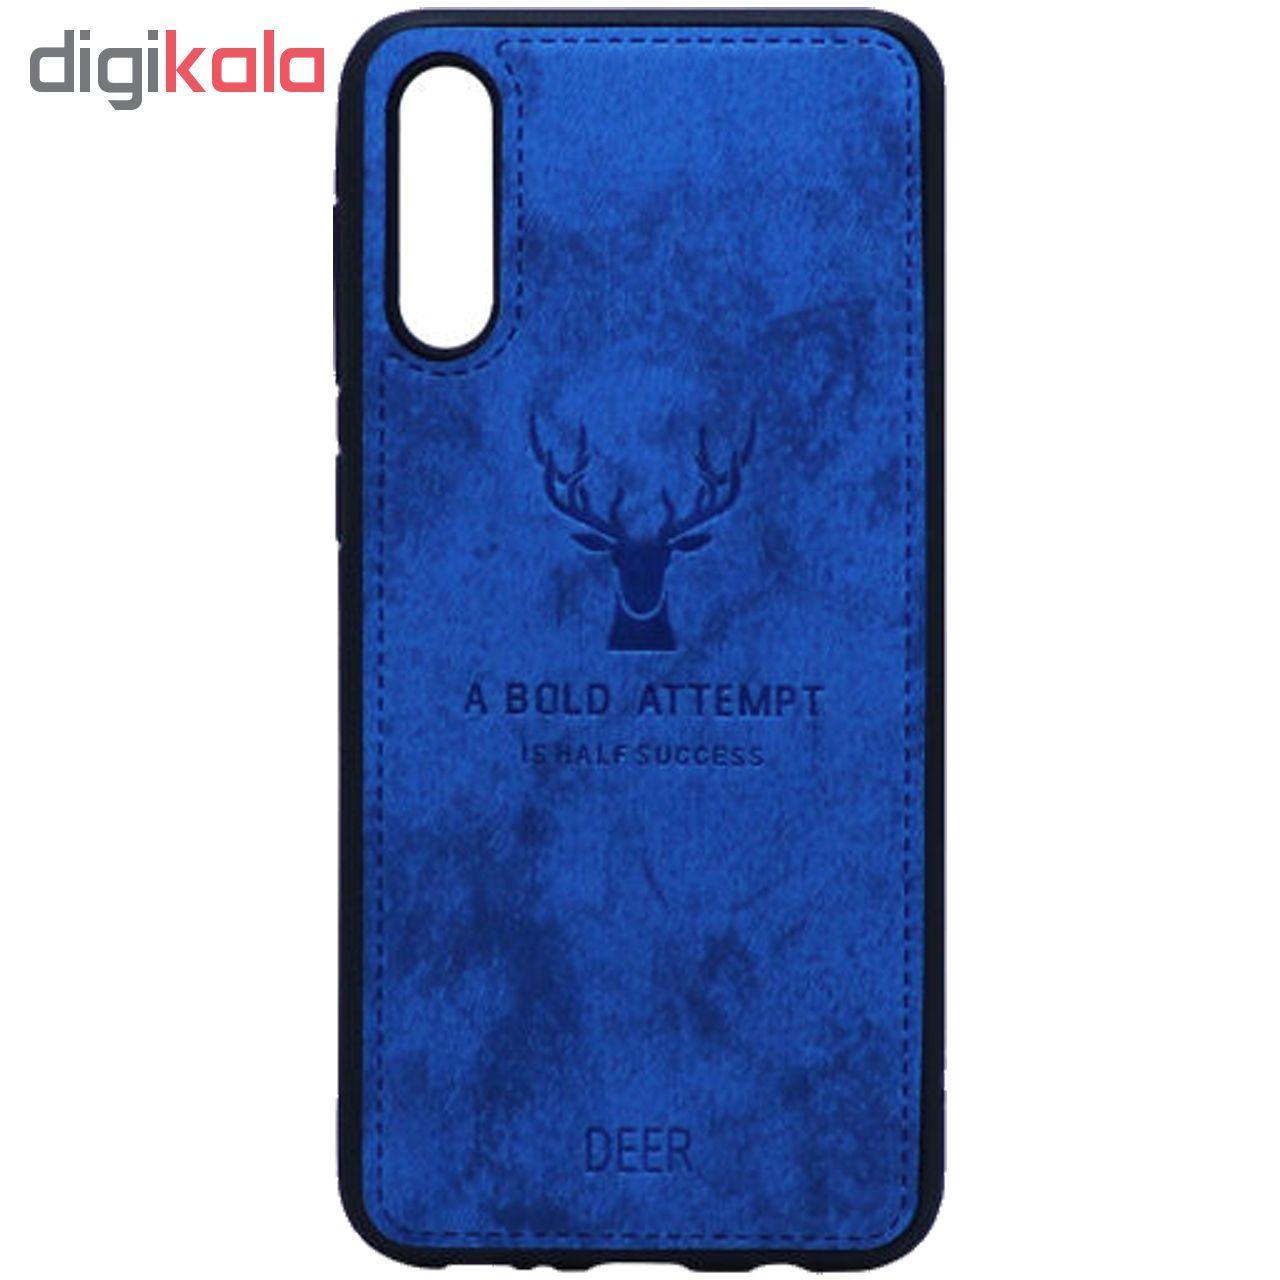 کاور مدل S18 مناسب برای گوشی موبایل سامسونگ Galaxy A50/A30s/A50s main 1 1